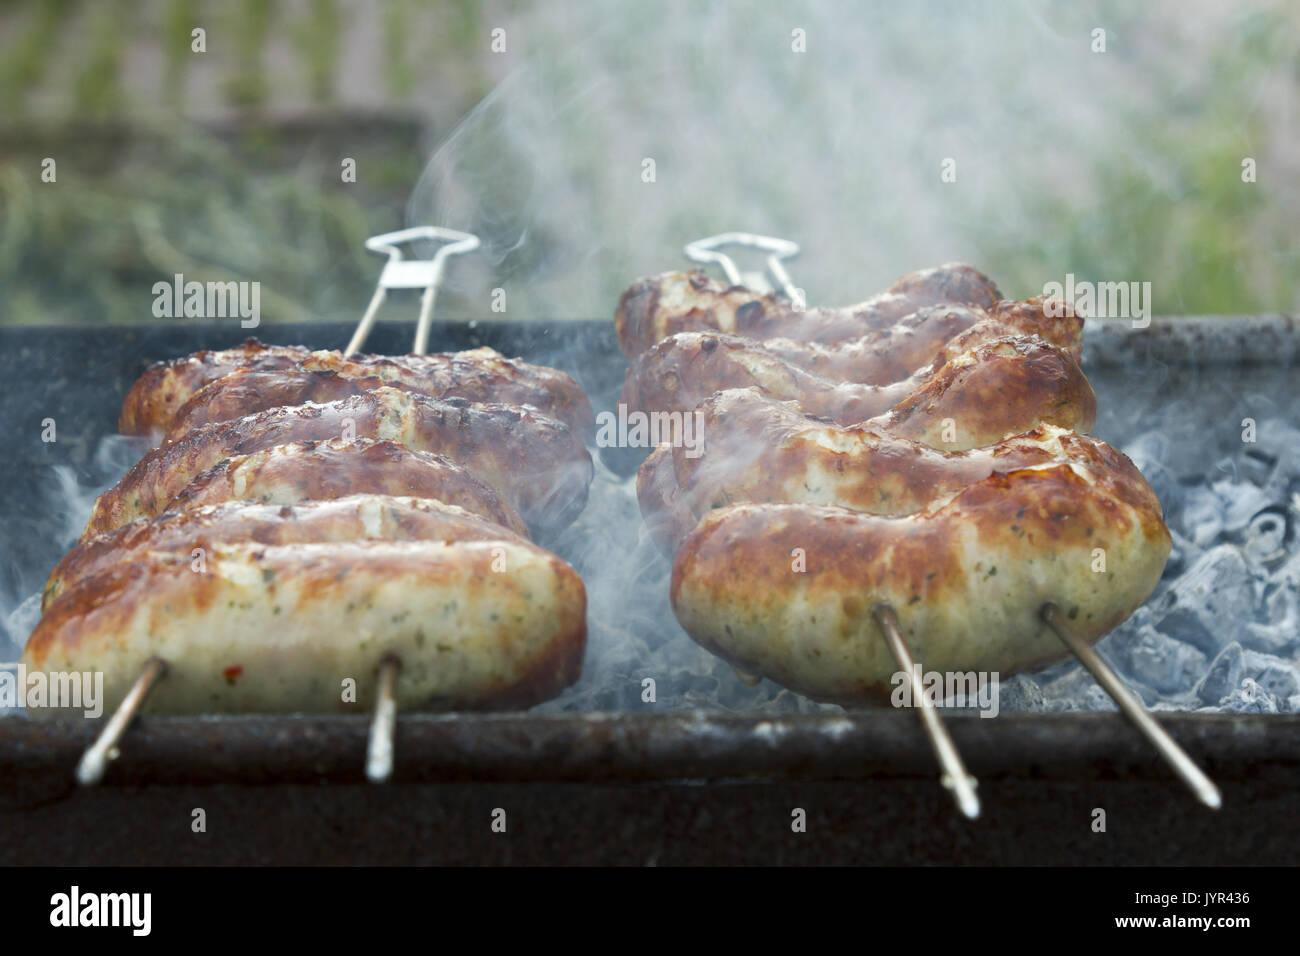 Saucisses grillées sur barbecue Photo Stock